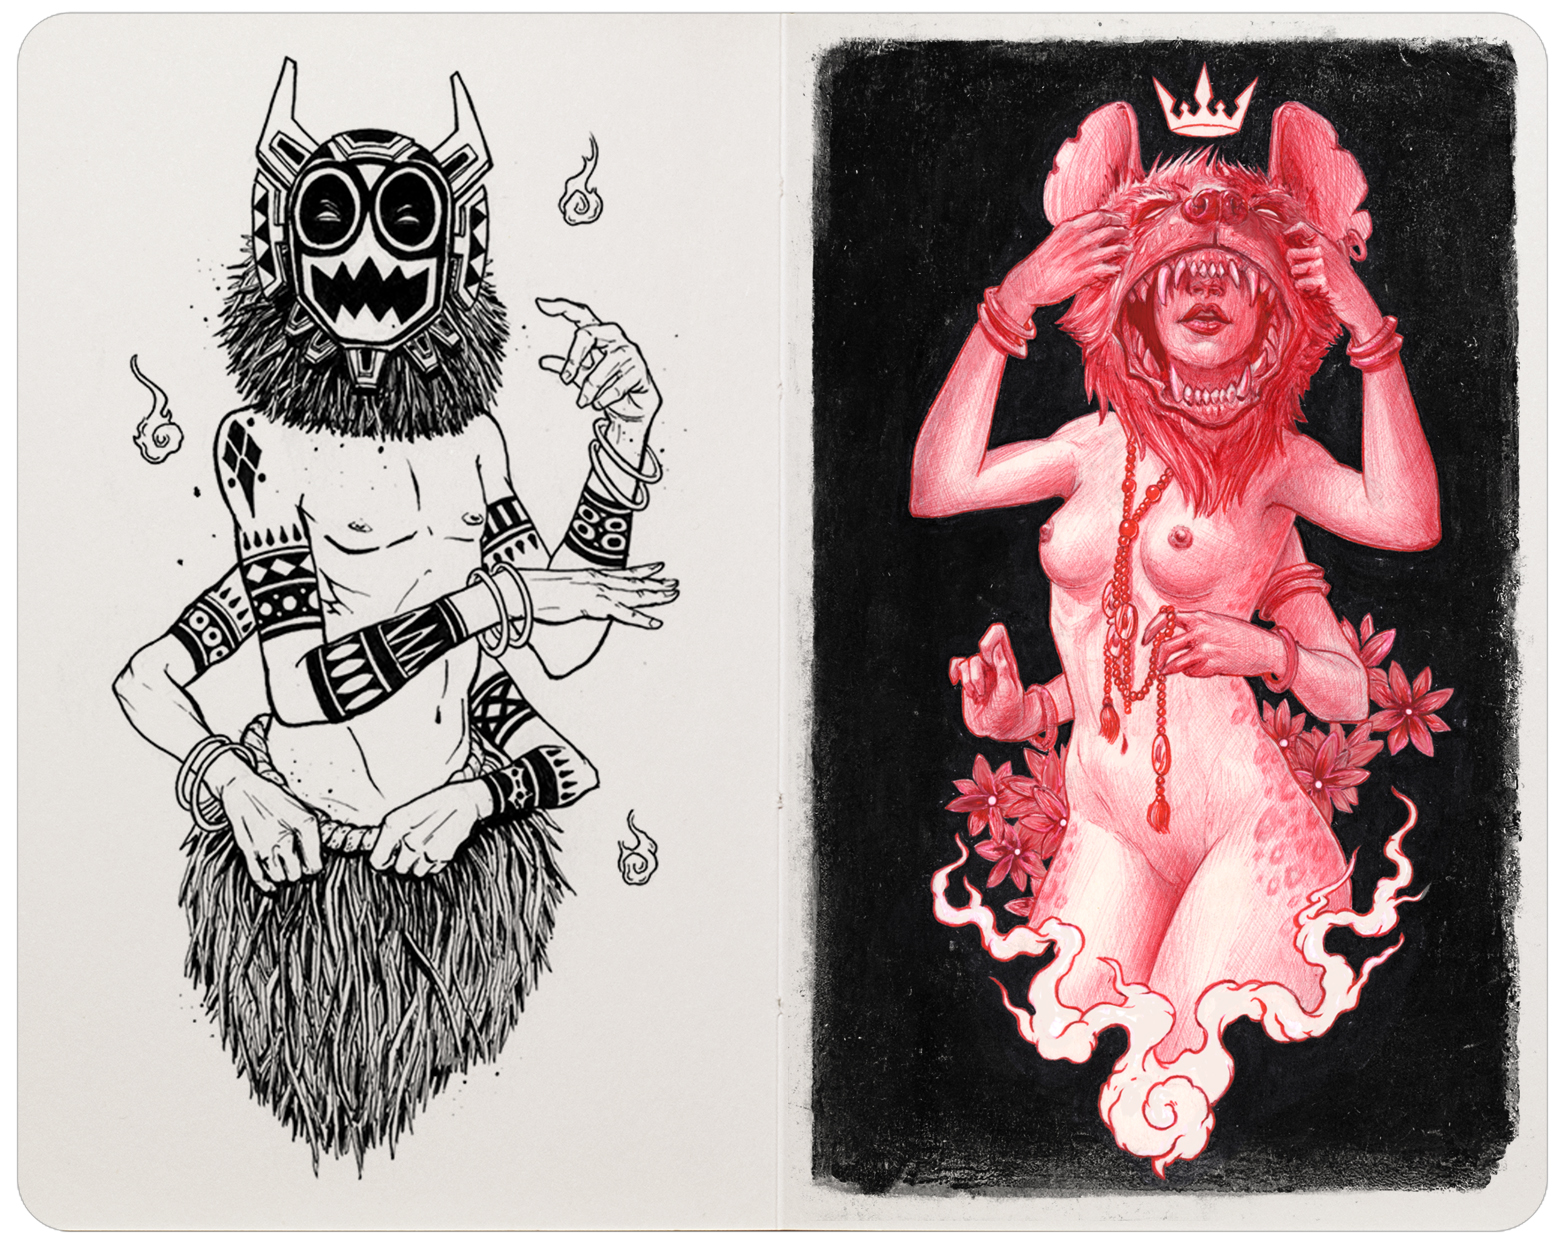 Left: Brush pen. Right: Red ballpoint pen, white ink & dry brush.